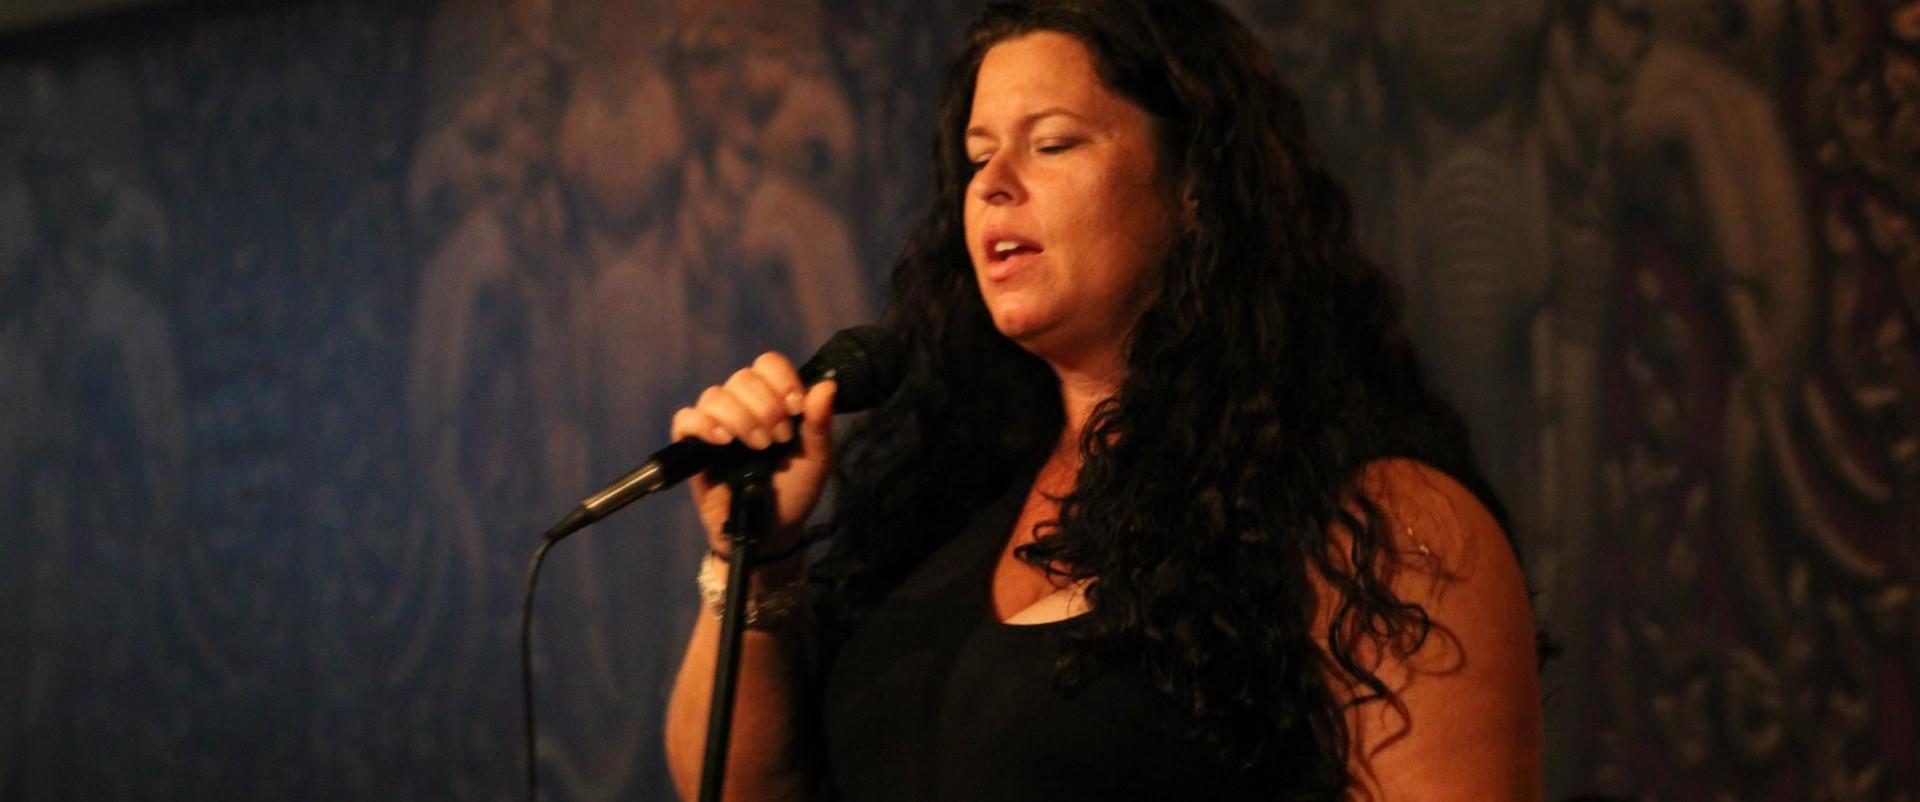 Desiree The Poet